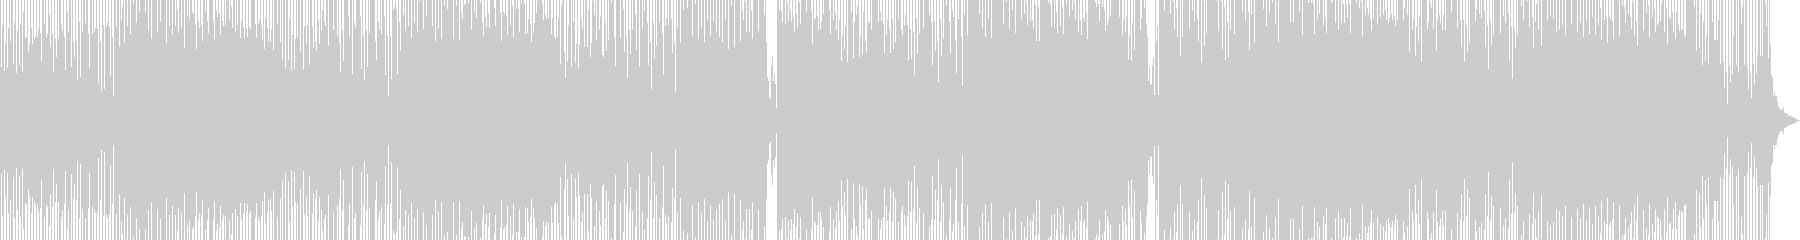 古代幻想的ミニマルテックダブの未再生の波形